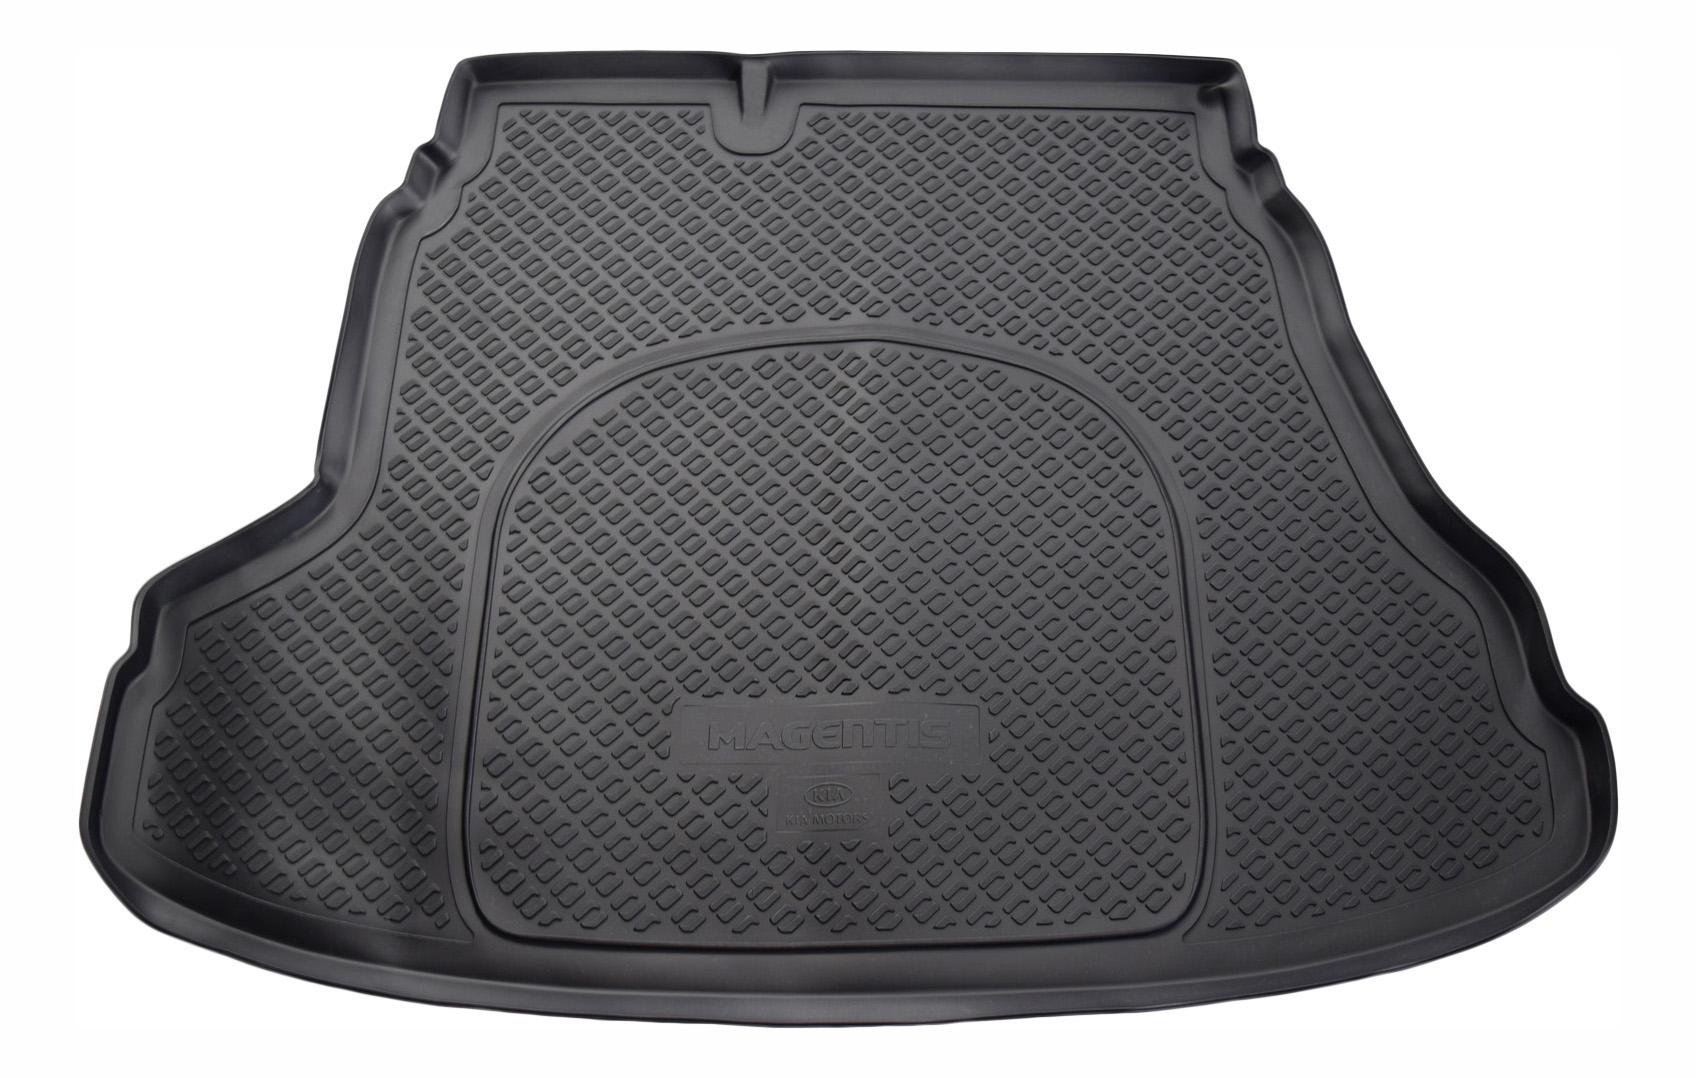 Коврик в багажник автомобиля для KIA Norplast (NPL-P-43-20)